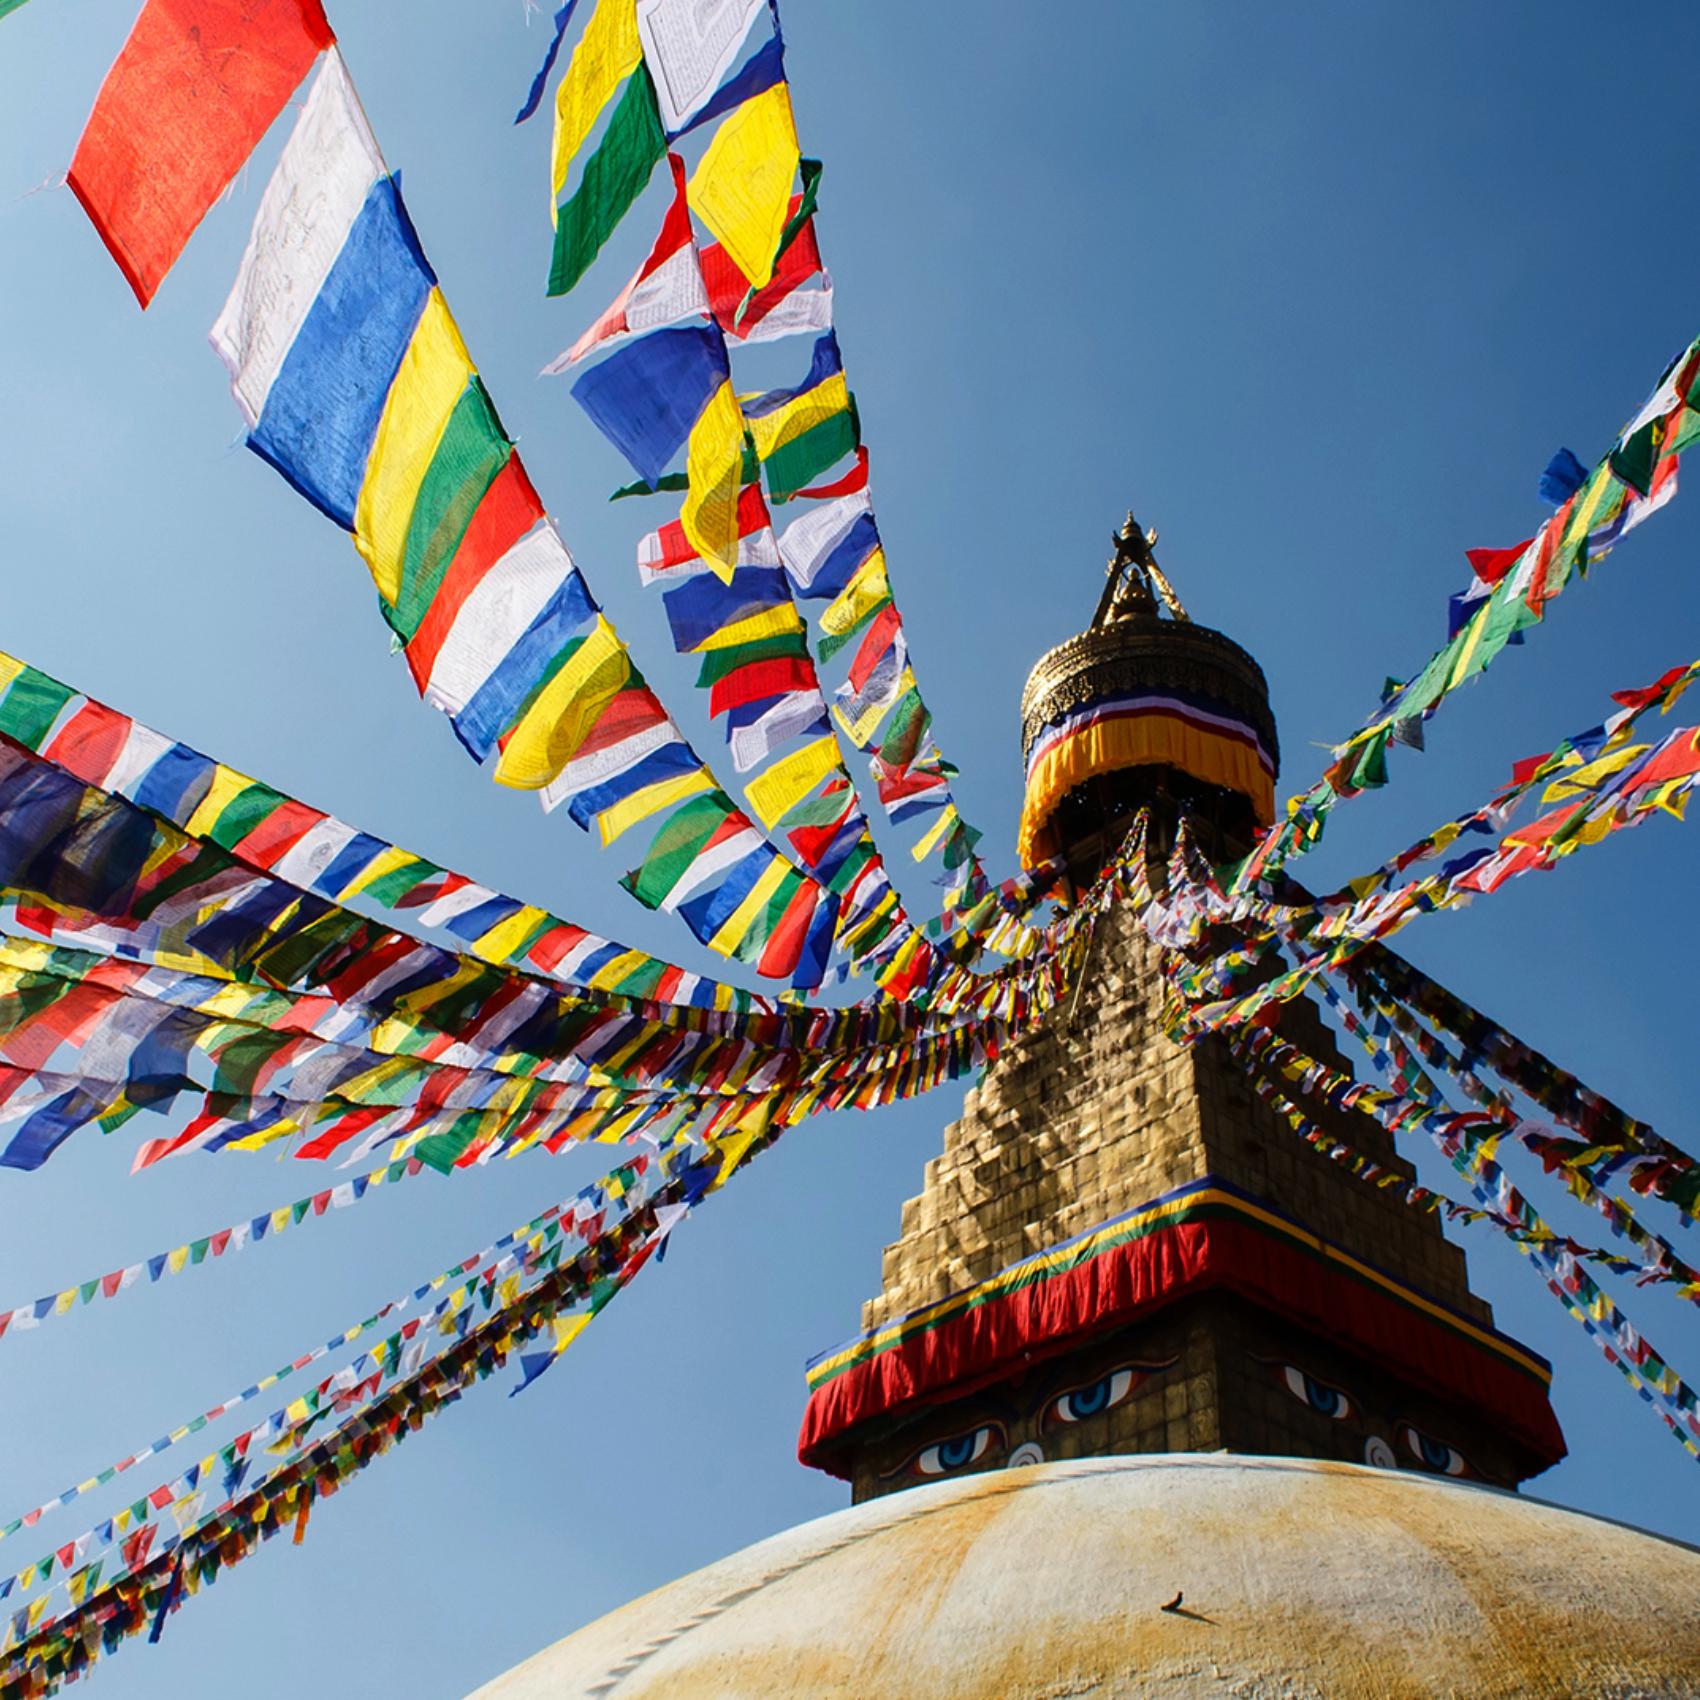 23.Nepal.jpg